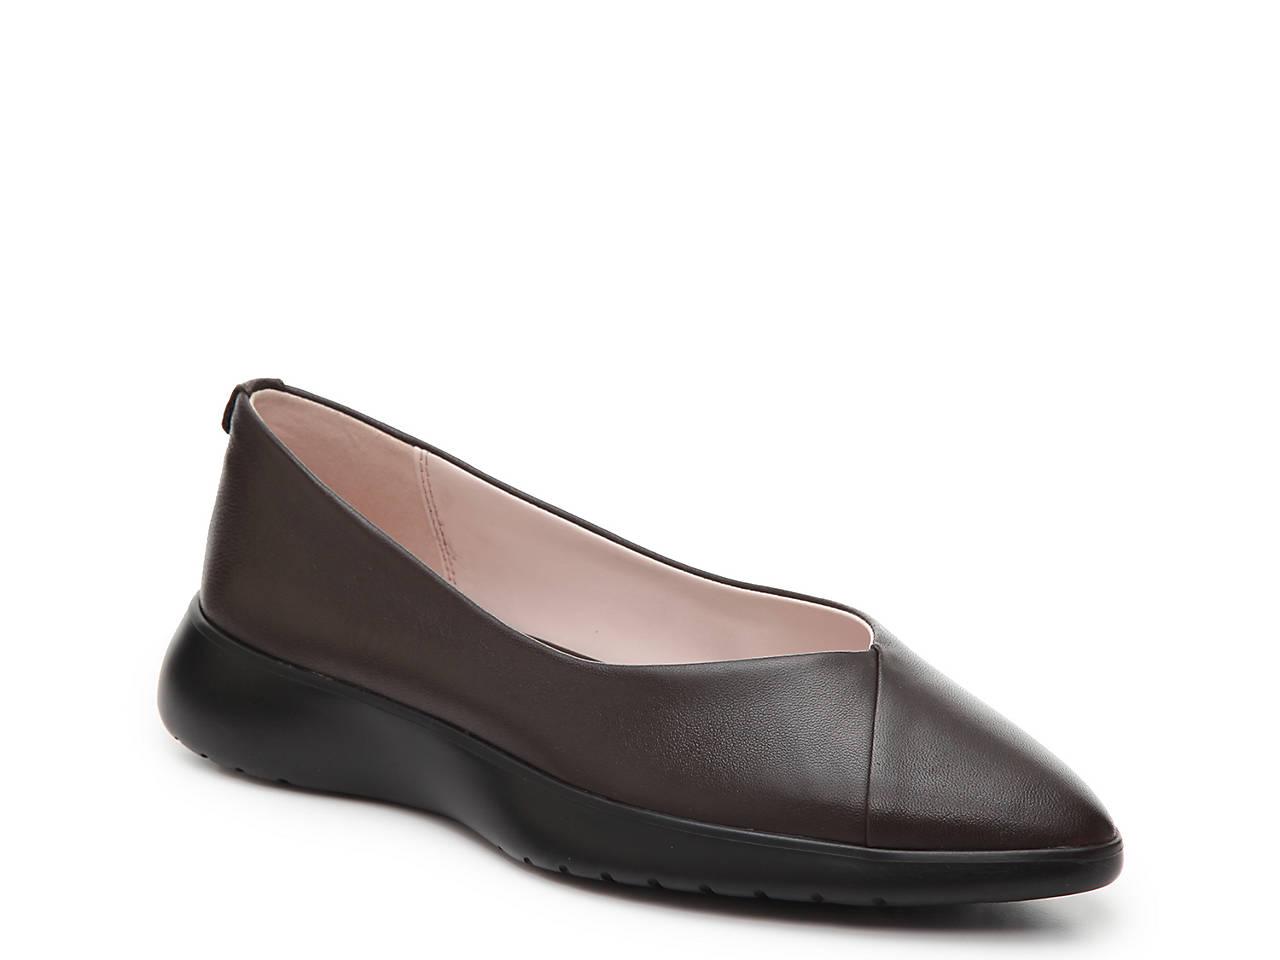 915e3d4869ce Taryn by Taryn Rose Devon Slip-On Women s Shoes